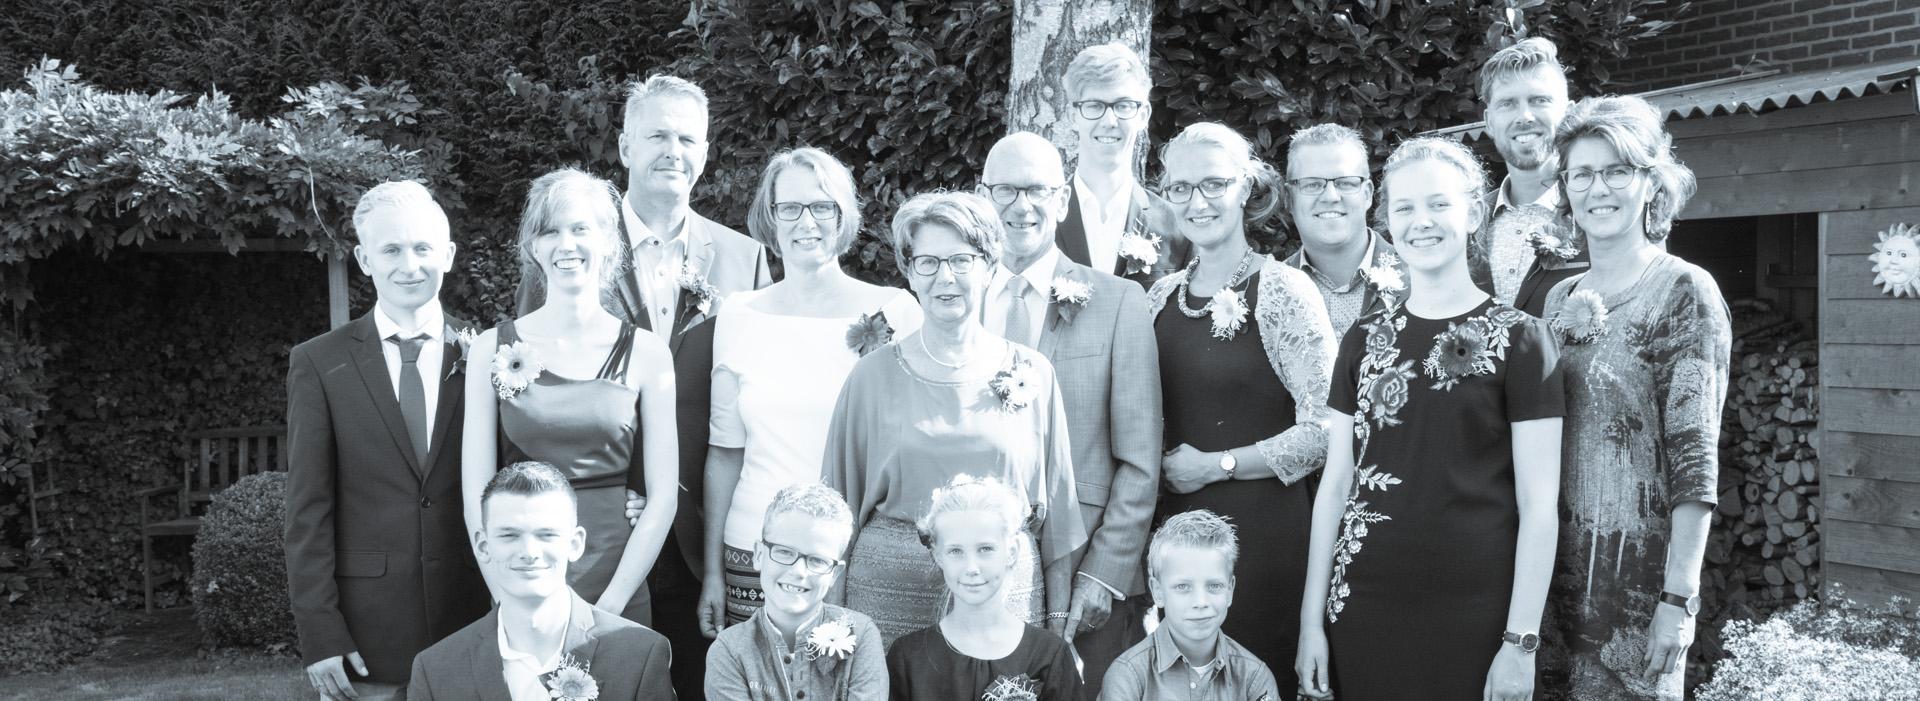 Beschermd: [:nl]Jubileum familie Wijnveen[:]